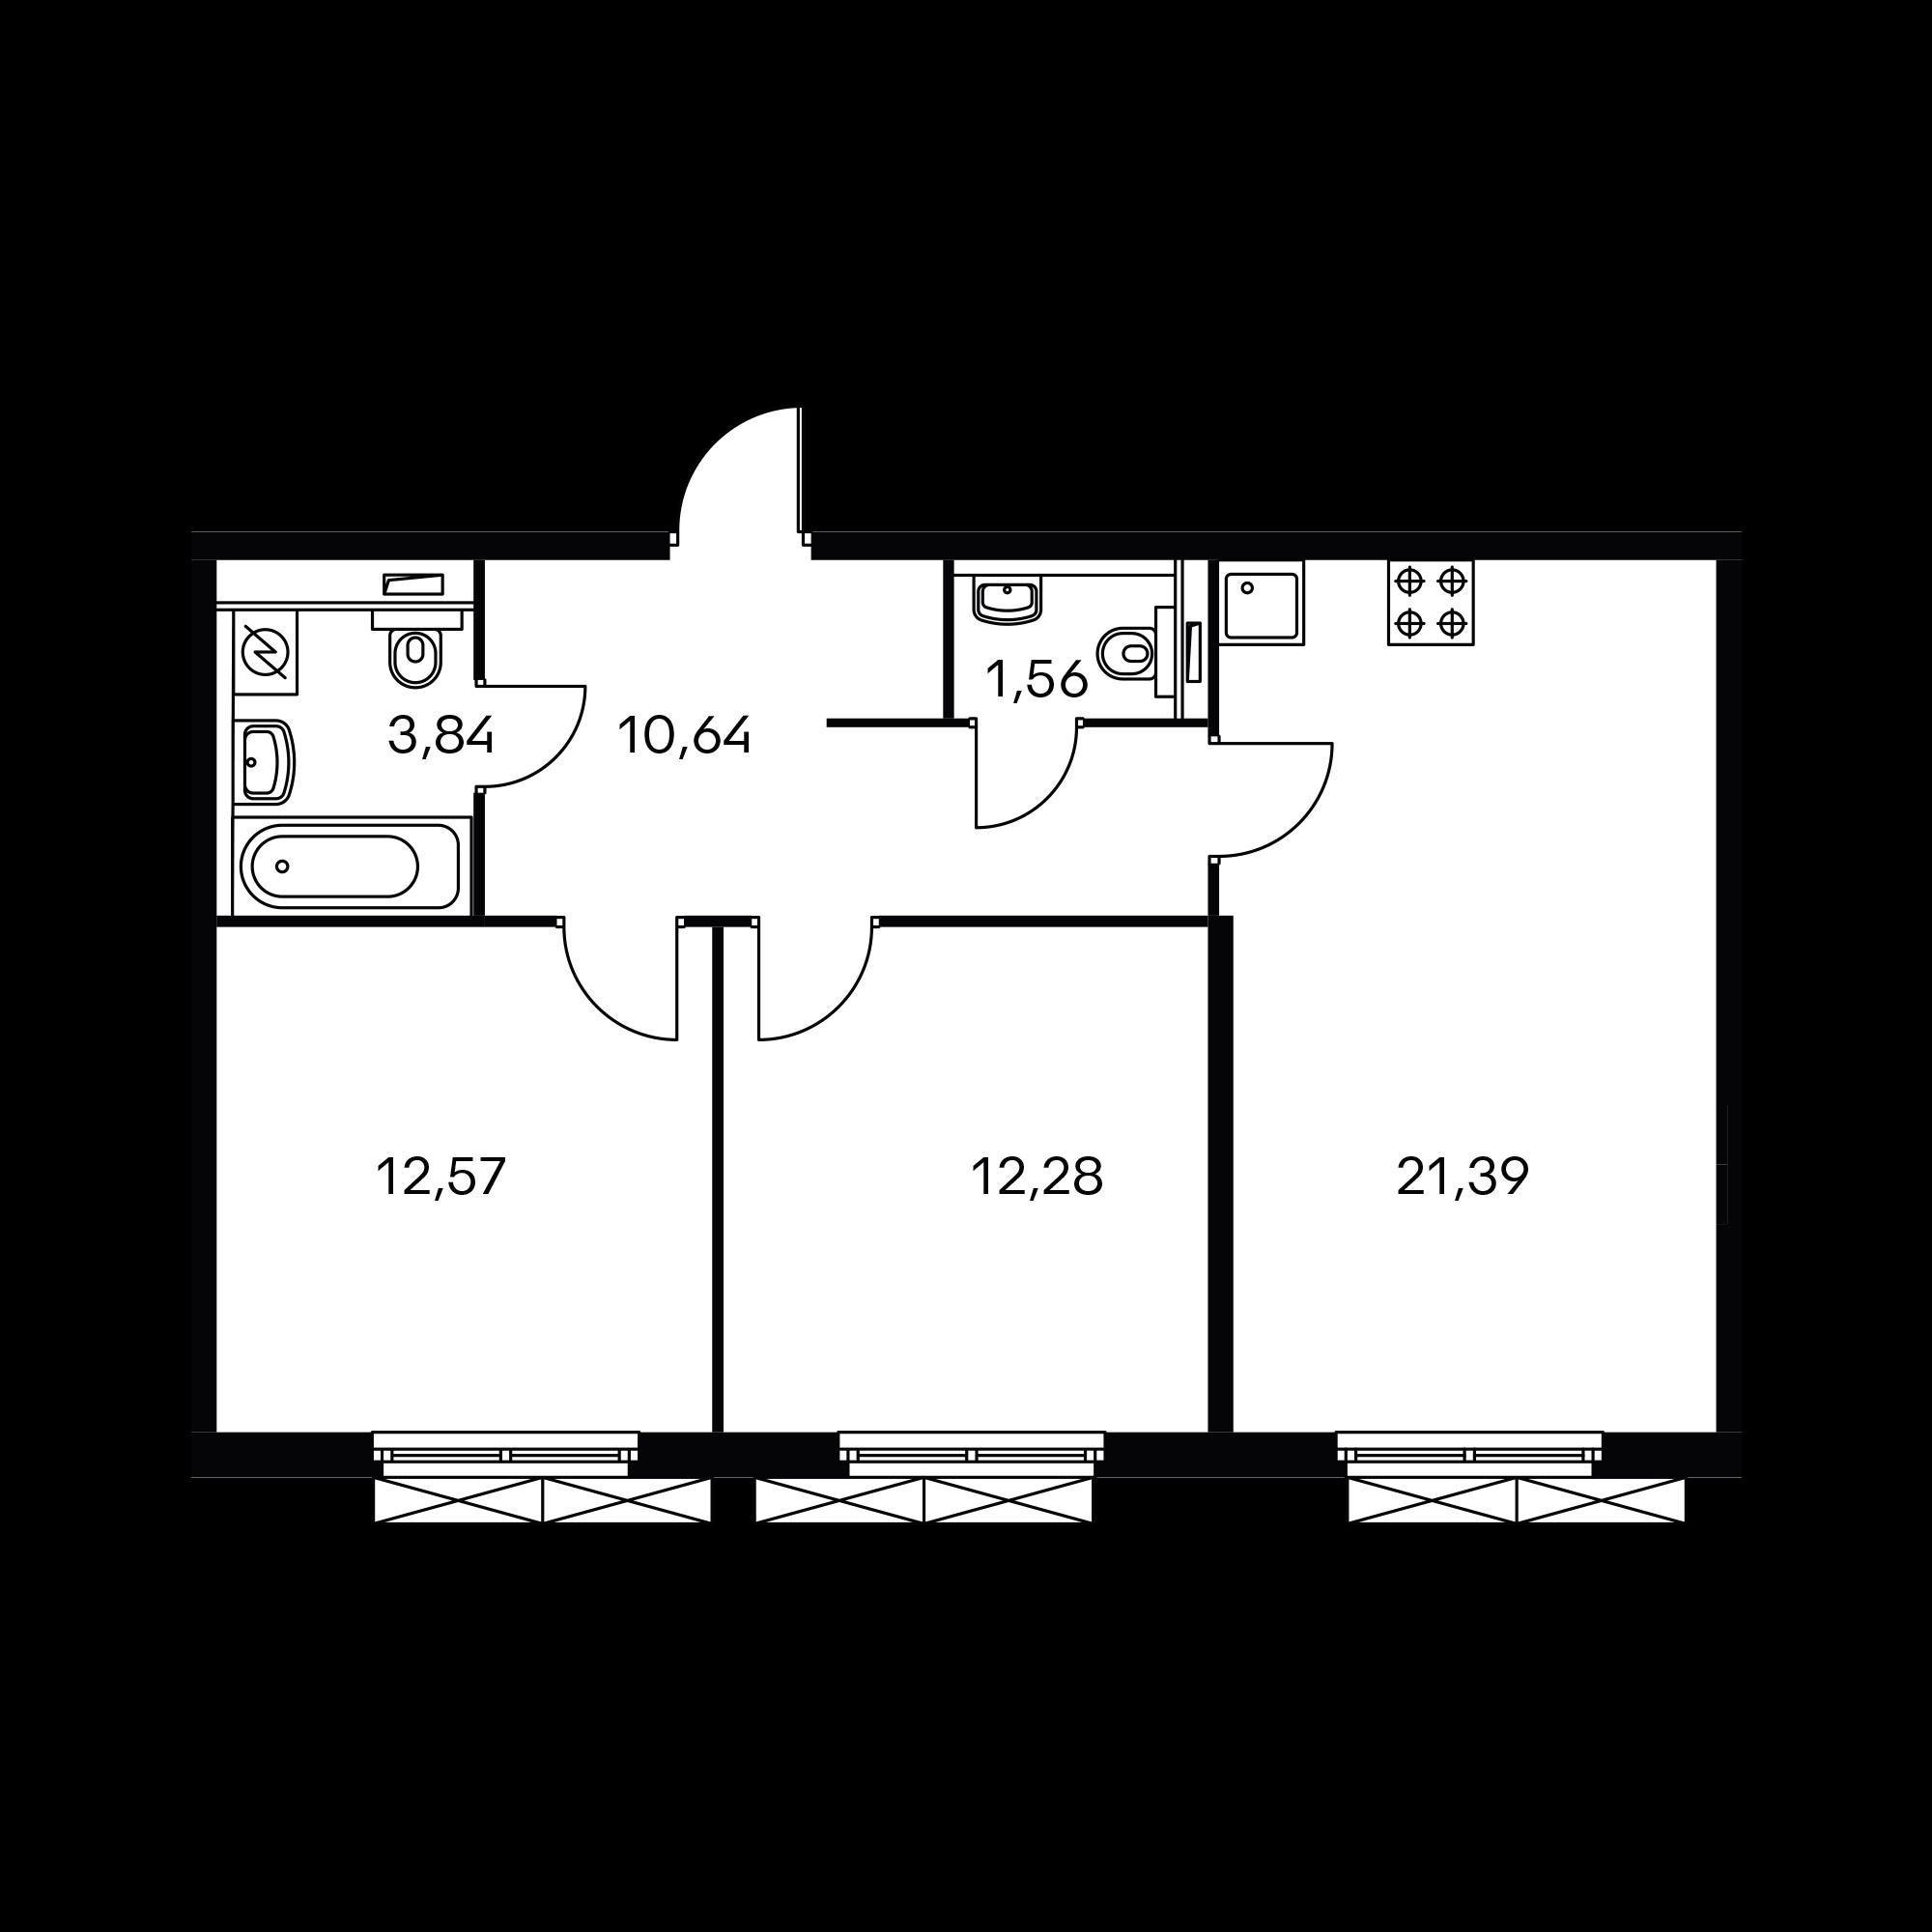 2EL8_10.8-1_S_A